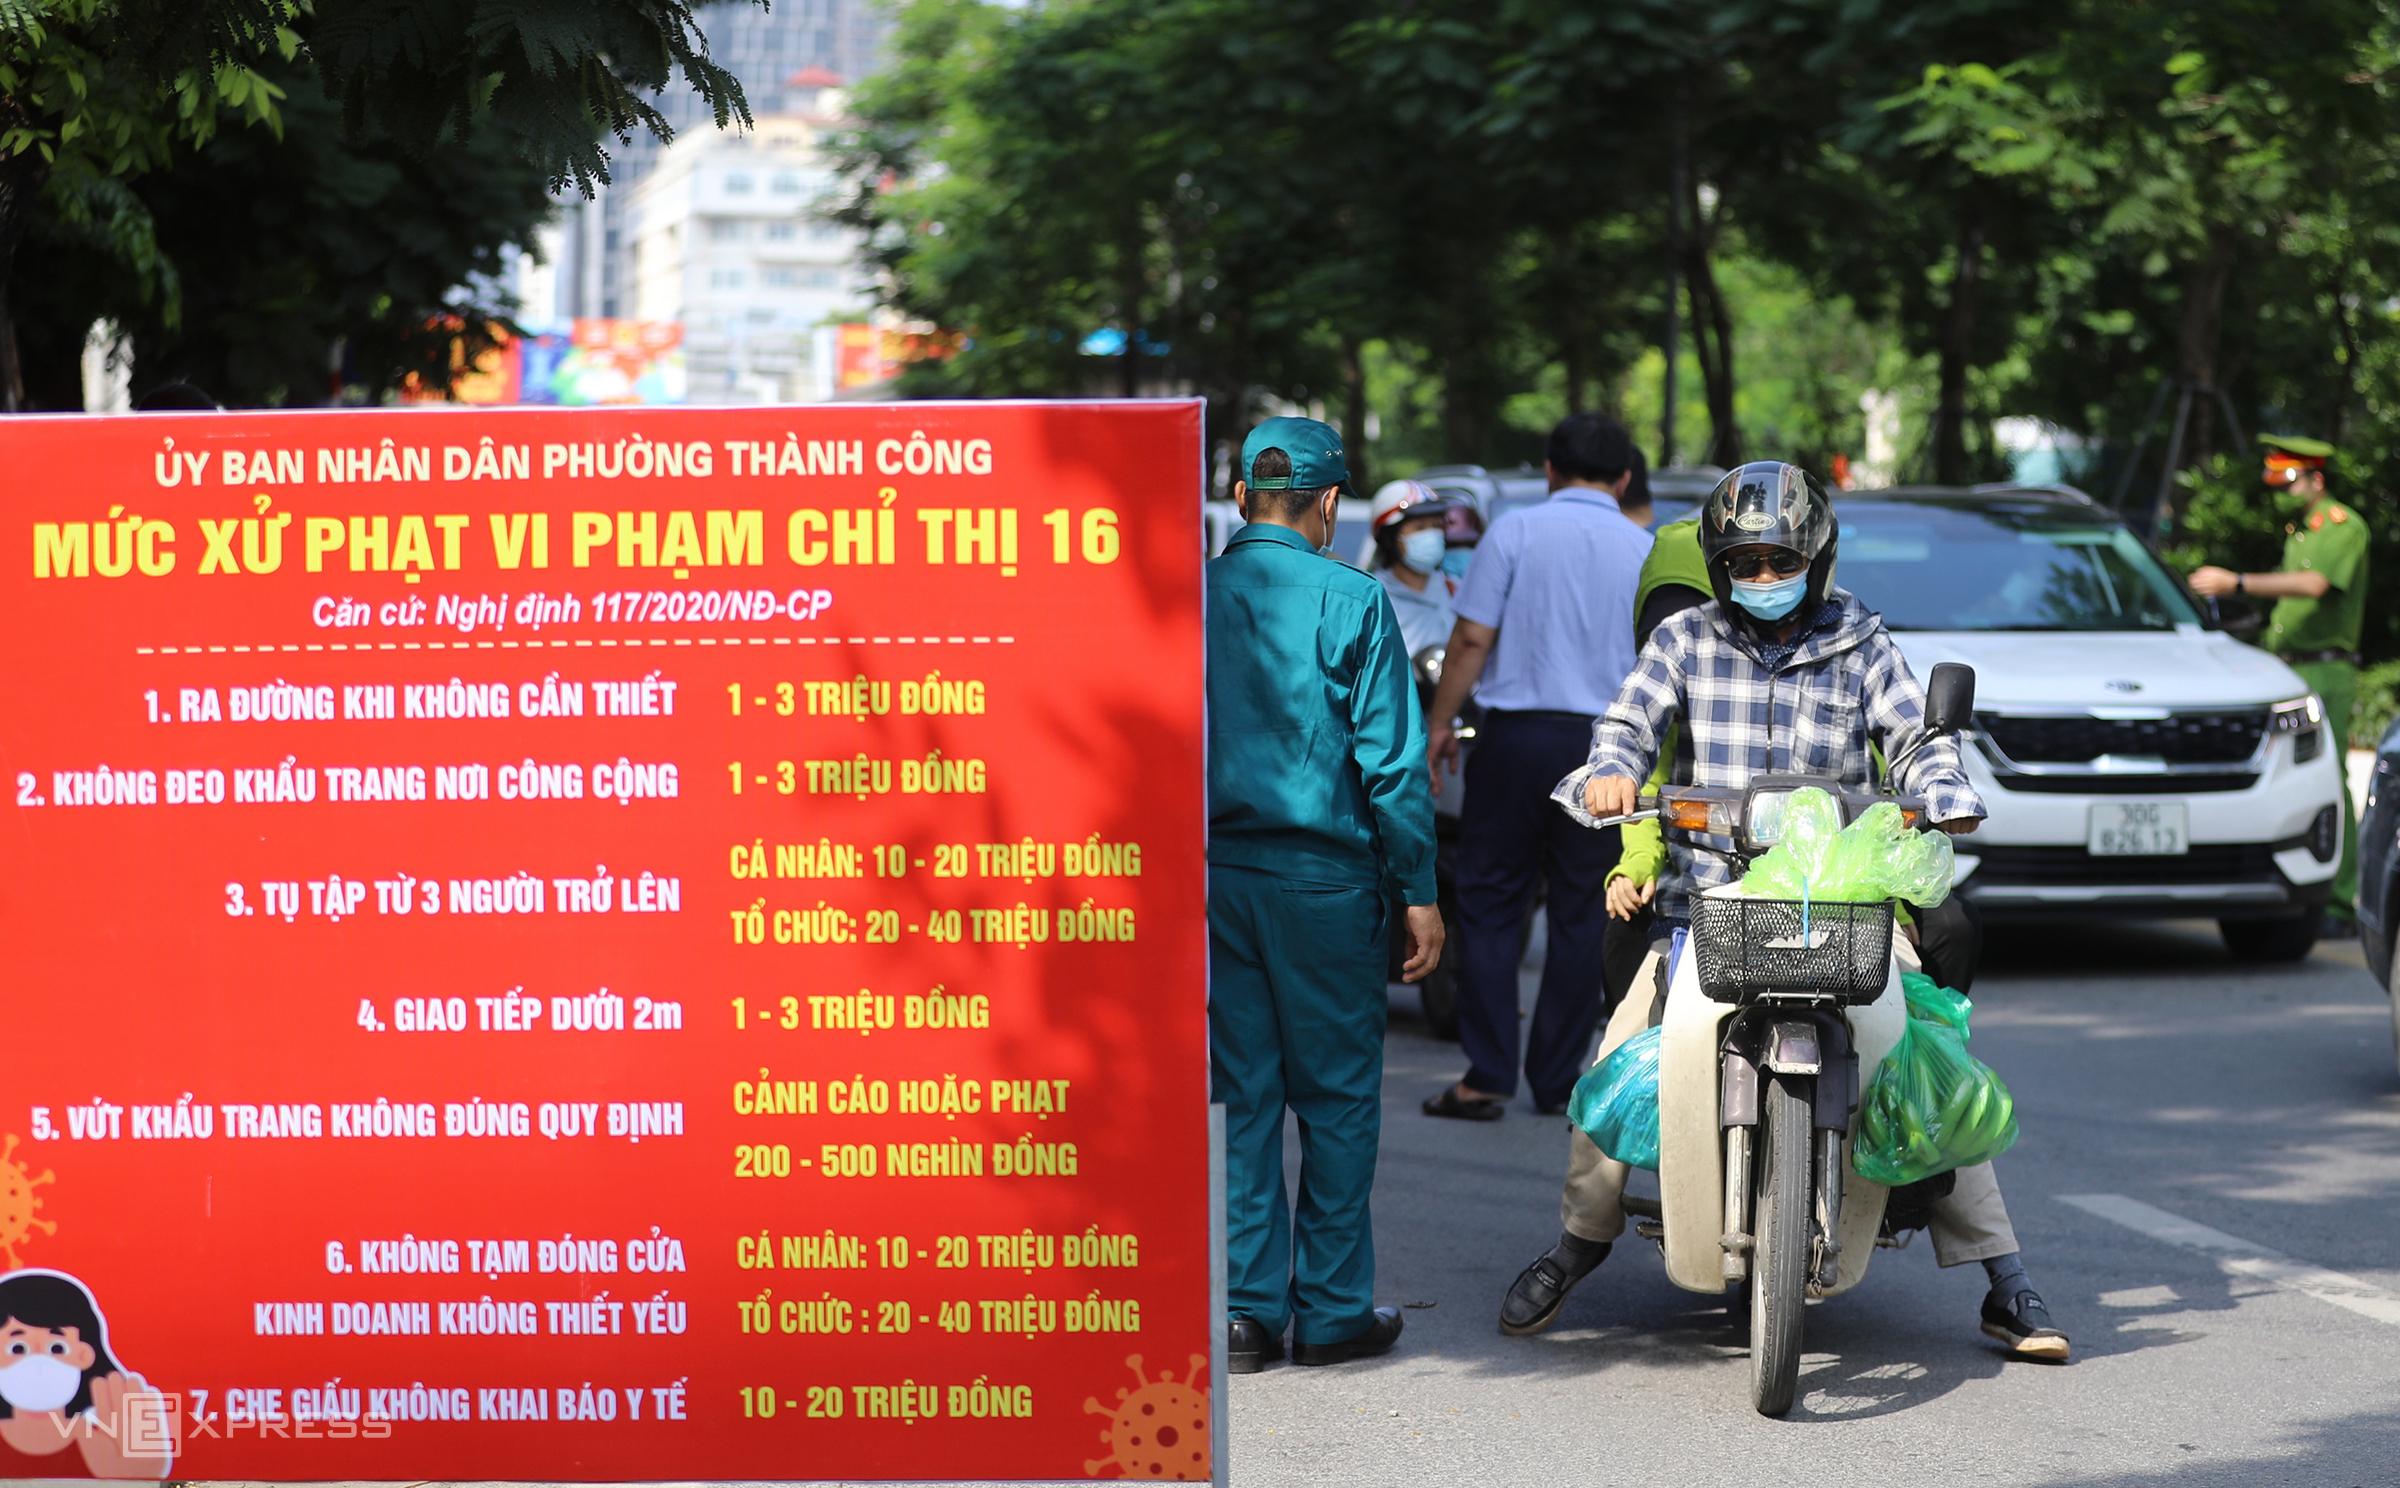 Phường Thành Công, quận Ba Đình, lập chốt trên đường Láng Hạ. Ảnh: Ngọc Thành.